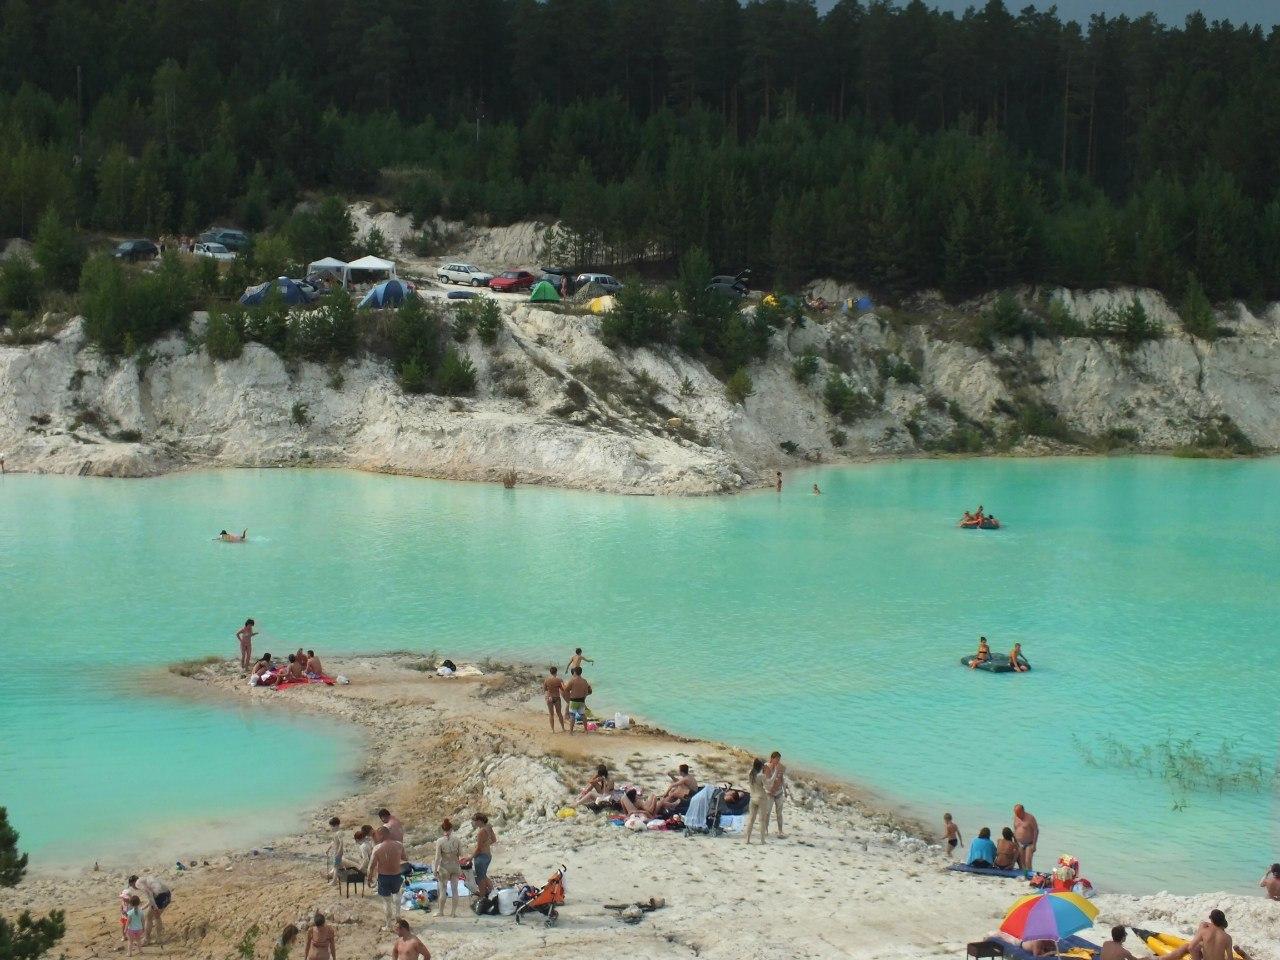 голубое озеро на урале фото могут распространяться